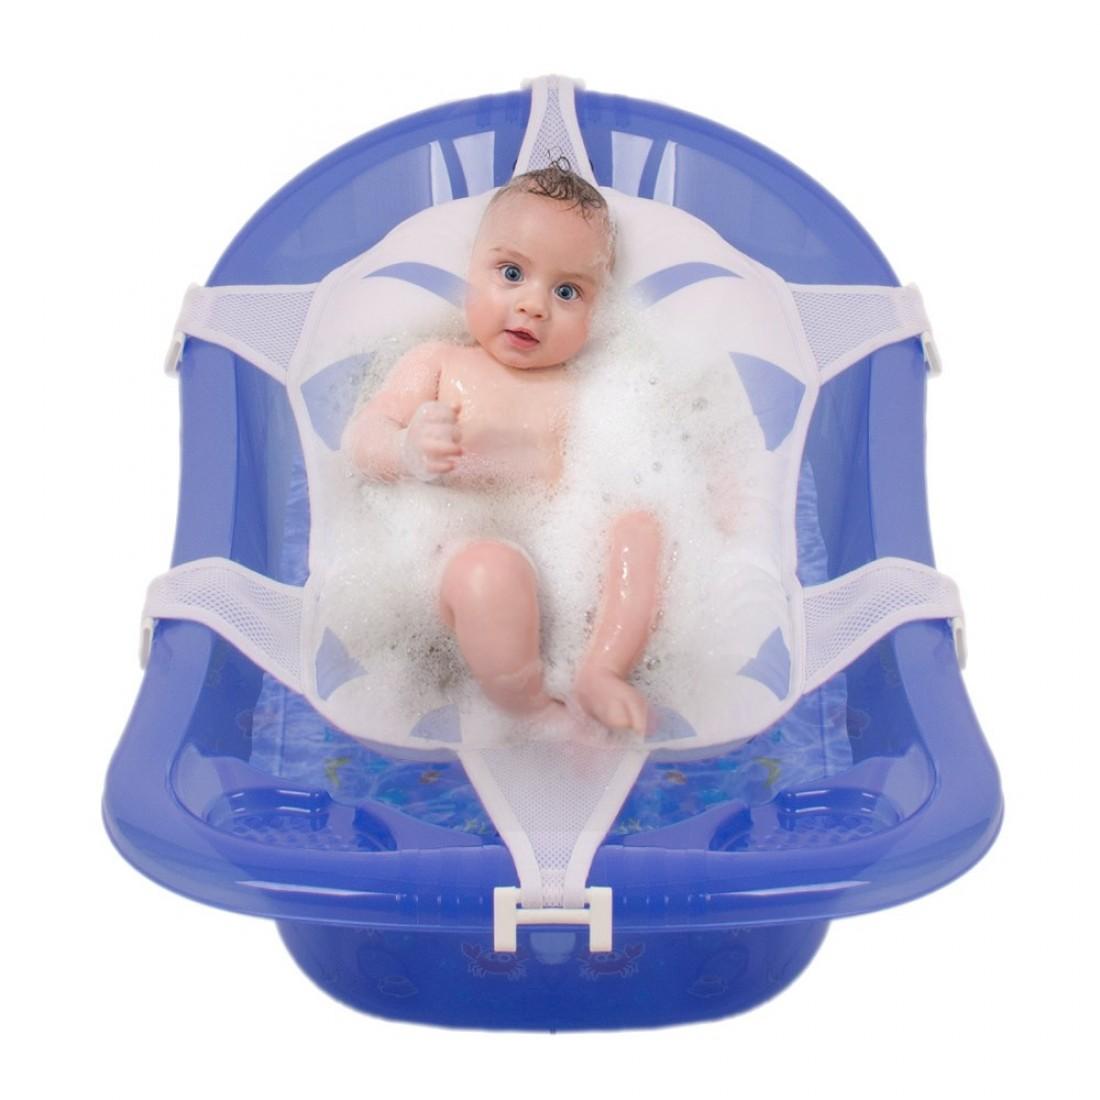 Выбираем гамак для купания новорожденных